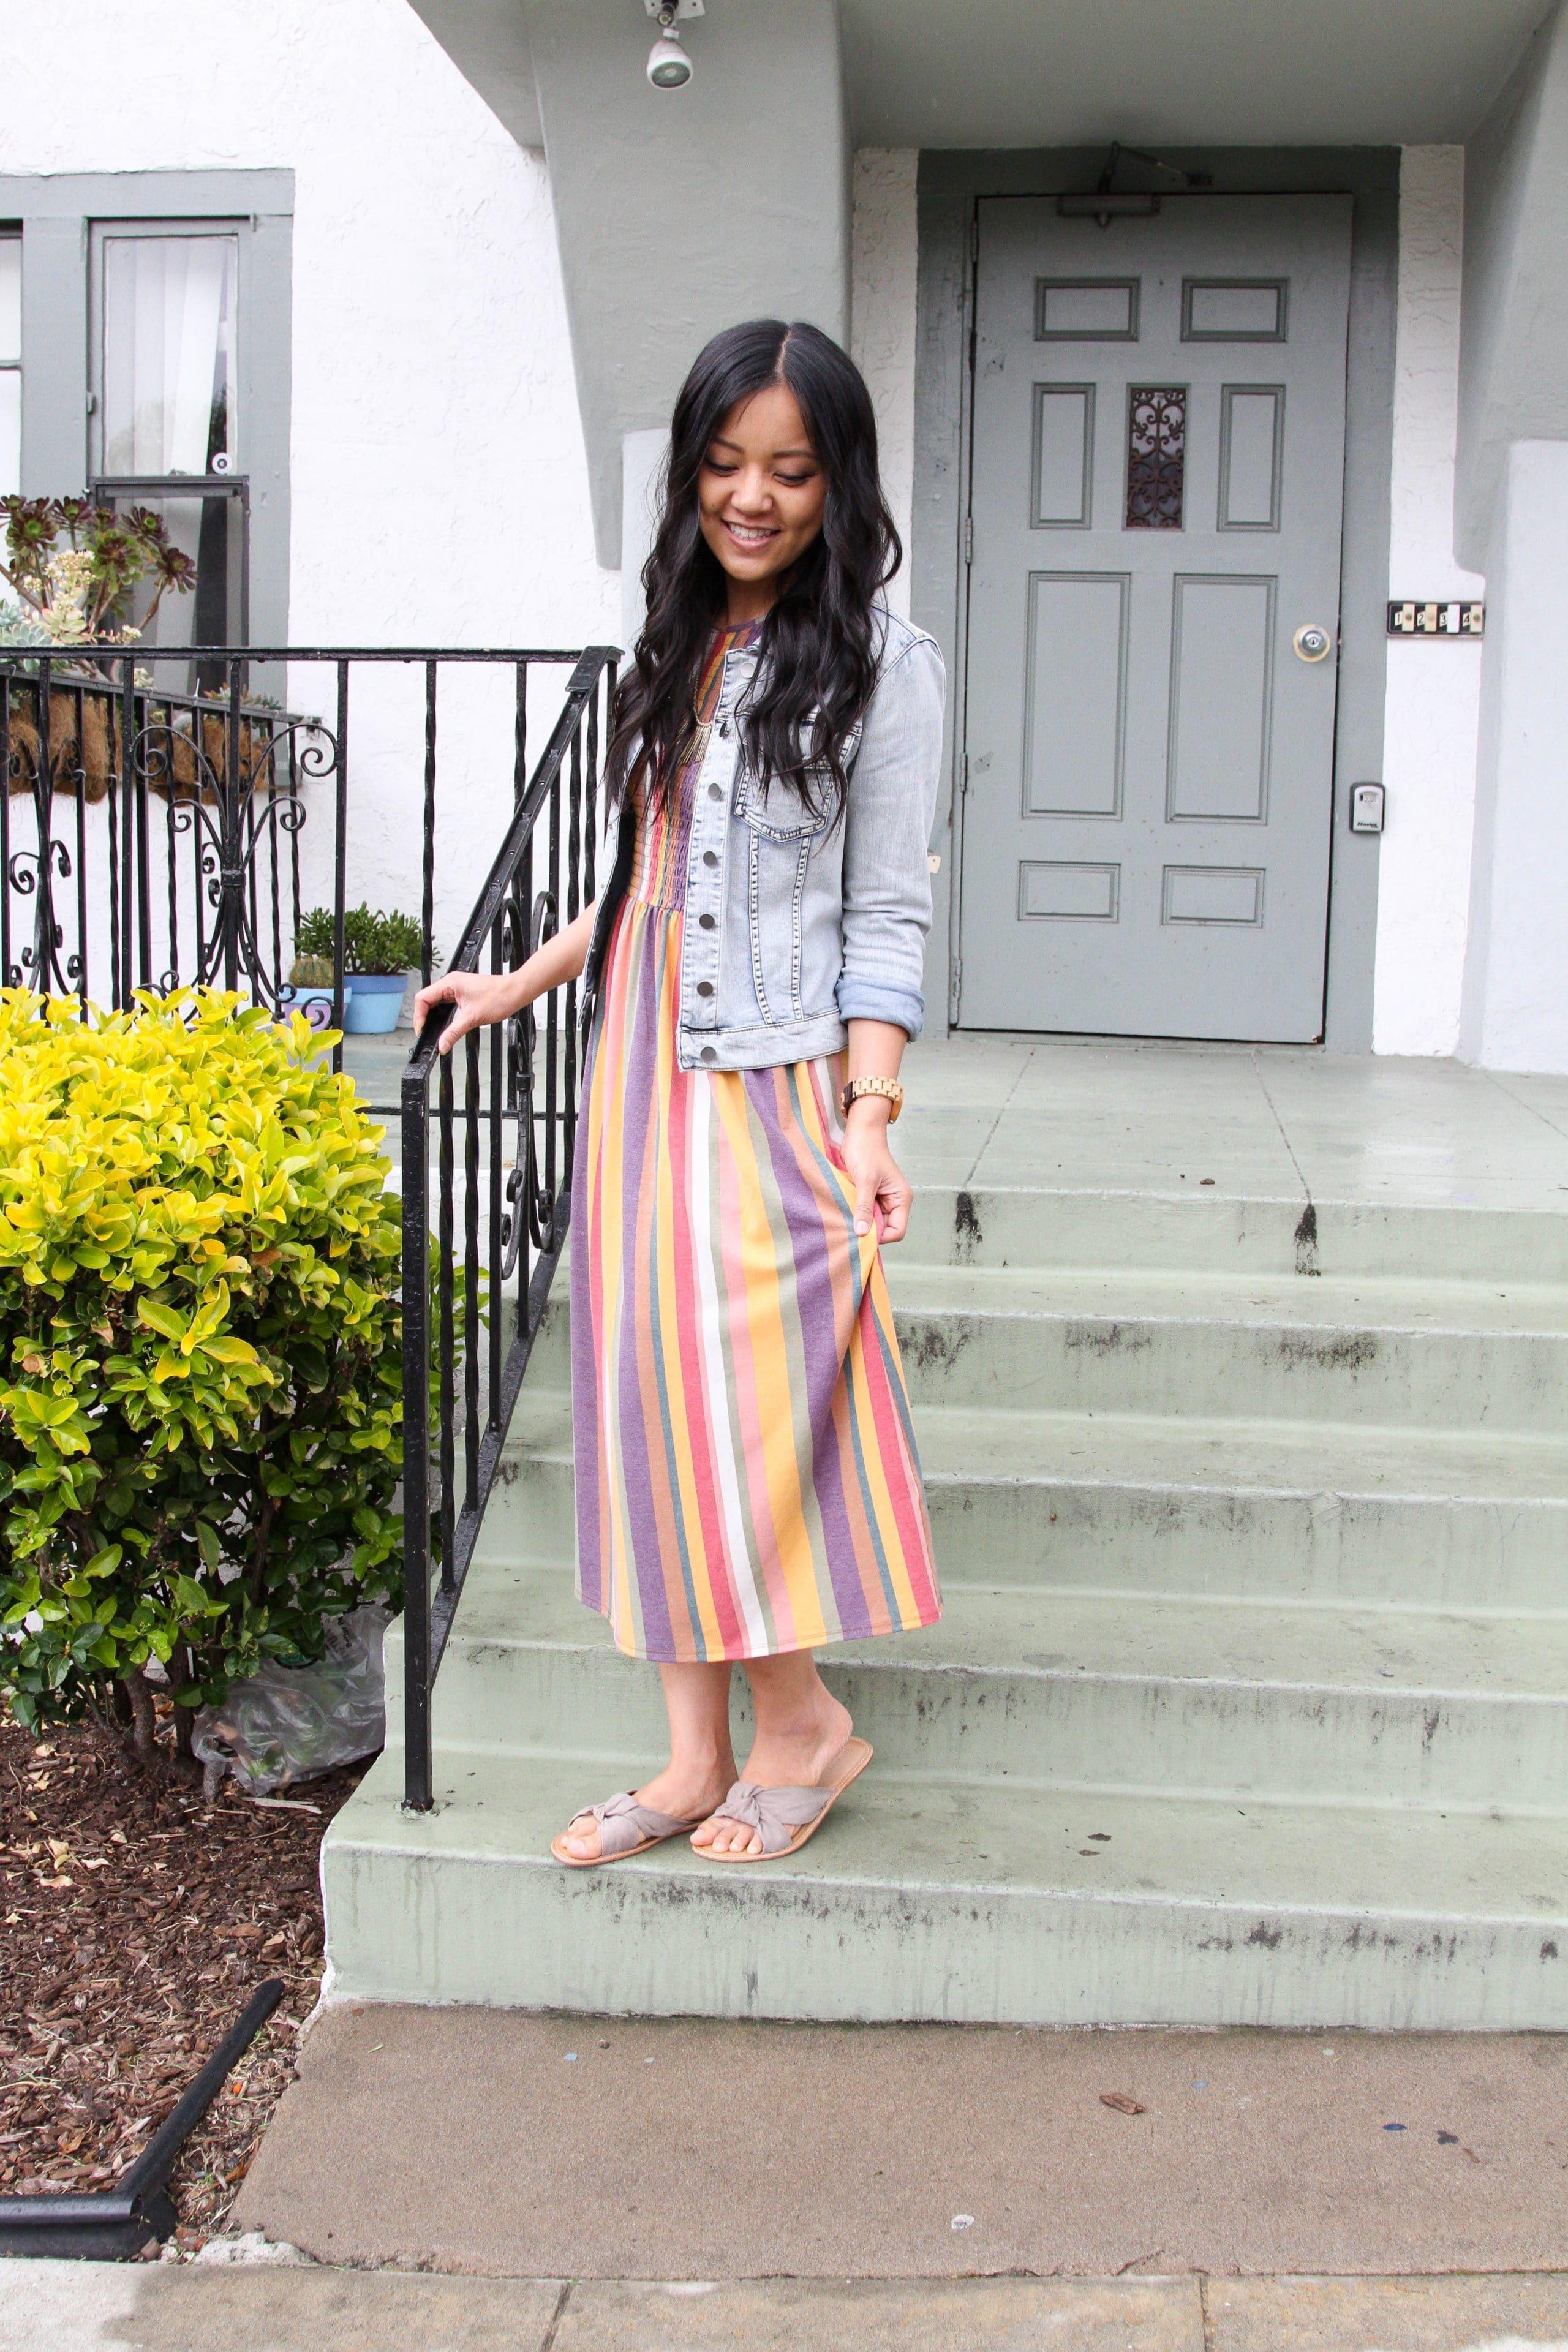 denim jacket + sandals + striped maxi dress